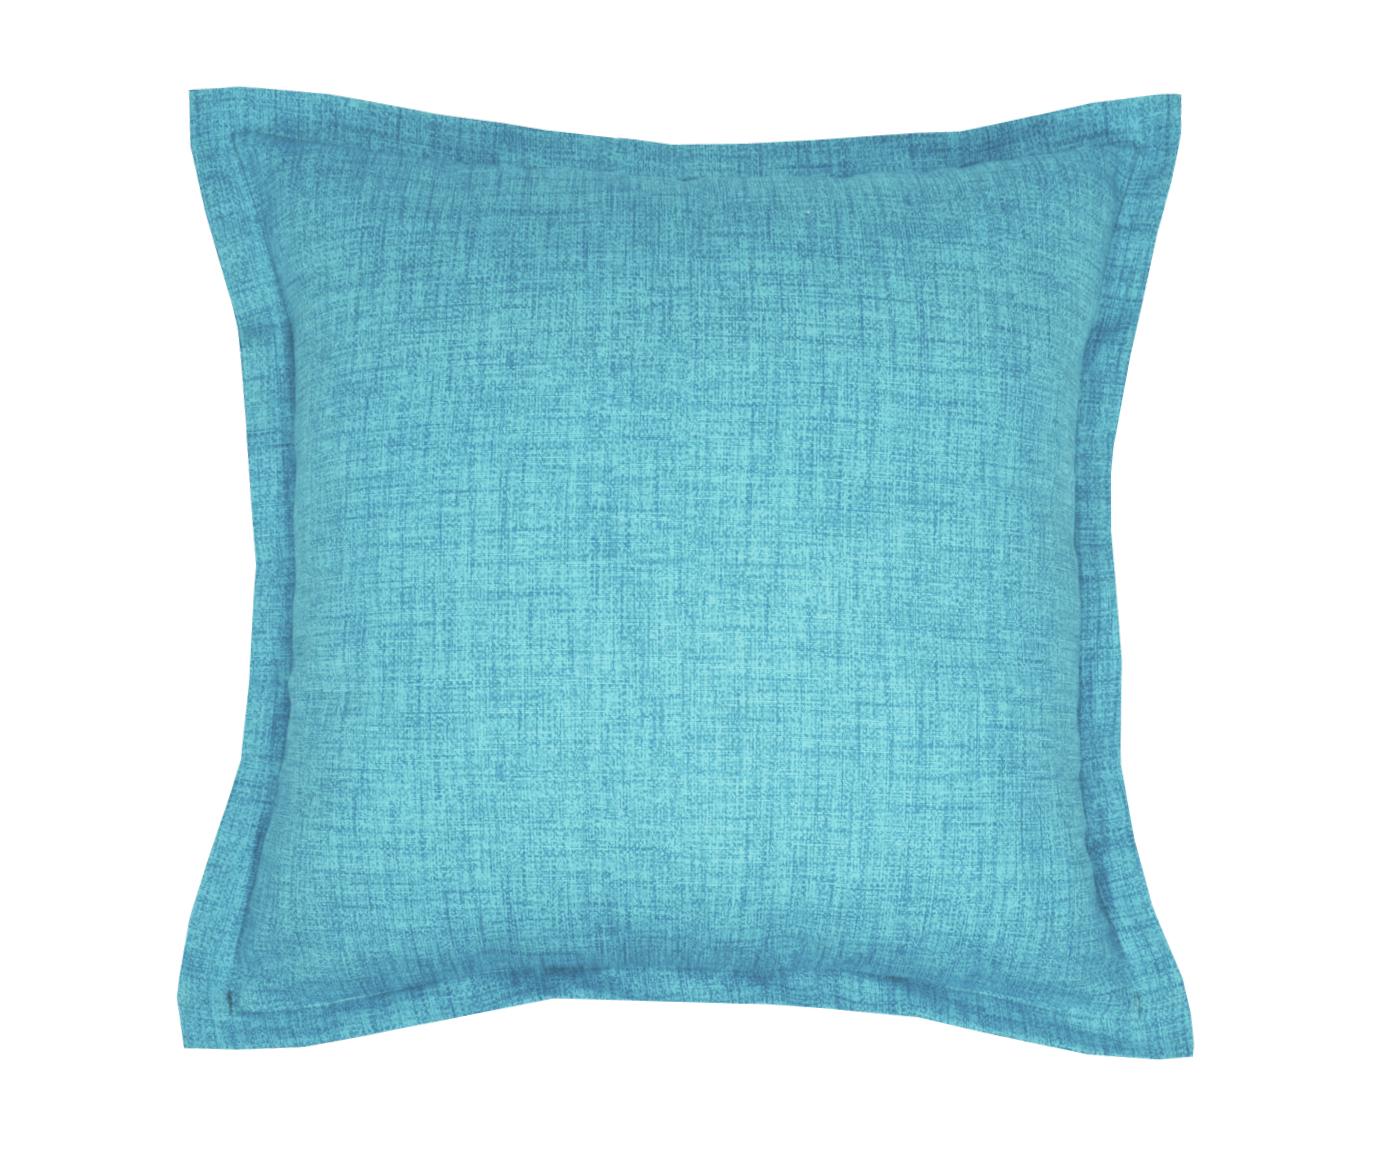 Подушка MenorсaКвадратные подушки<br>Декоративная  подушка .Чехол съемный.<br><br>Material: Хлопок<br>Length см: None<br>Width см: 45<br>Depth см: 15<br>Height см: 45